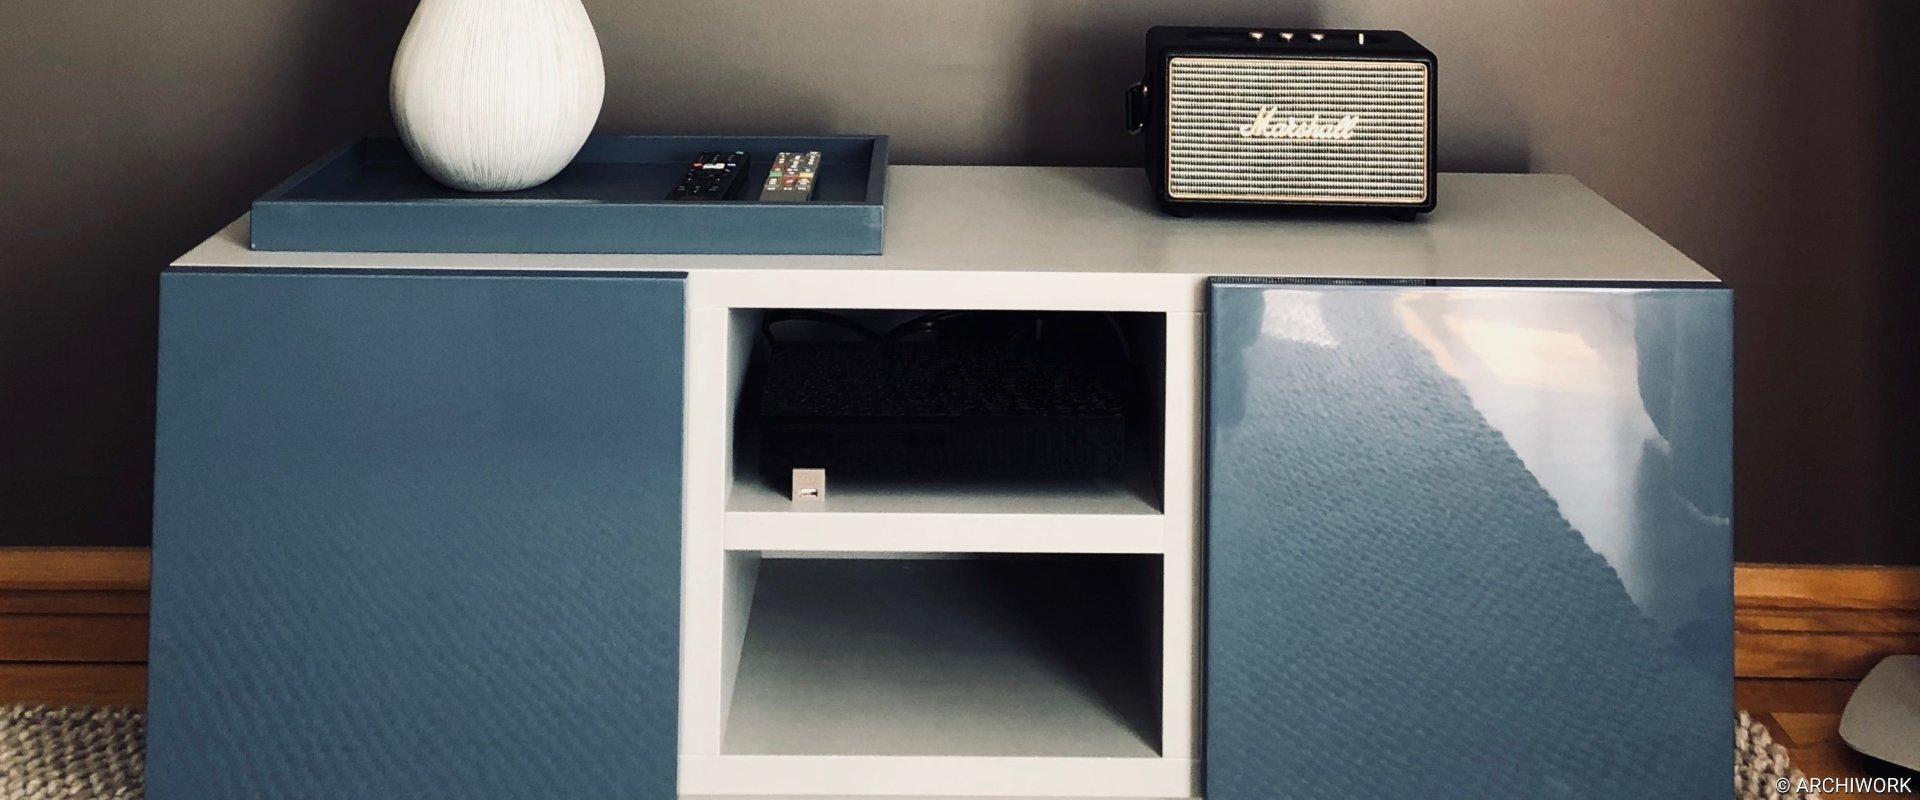 archiwork meuble sur mesure